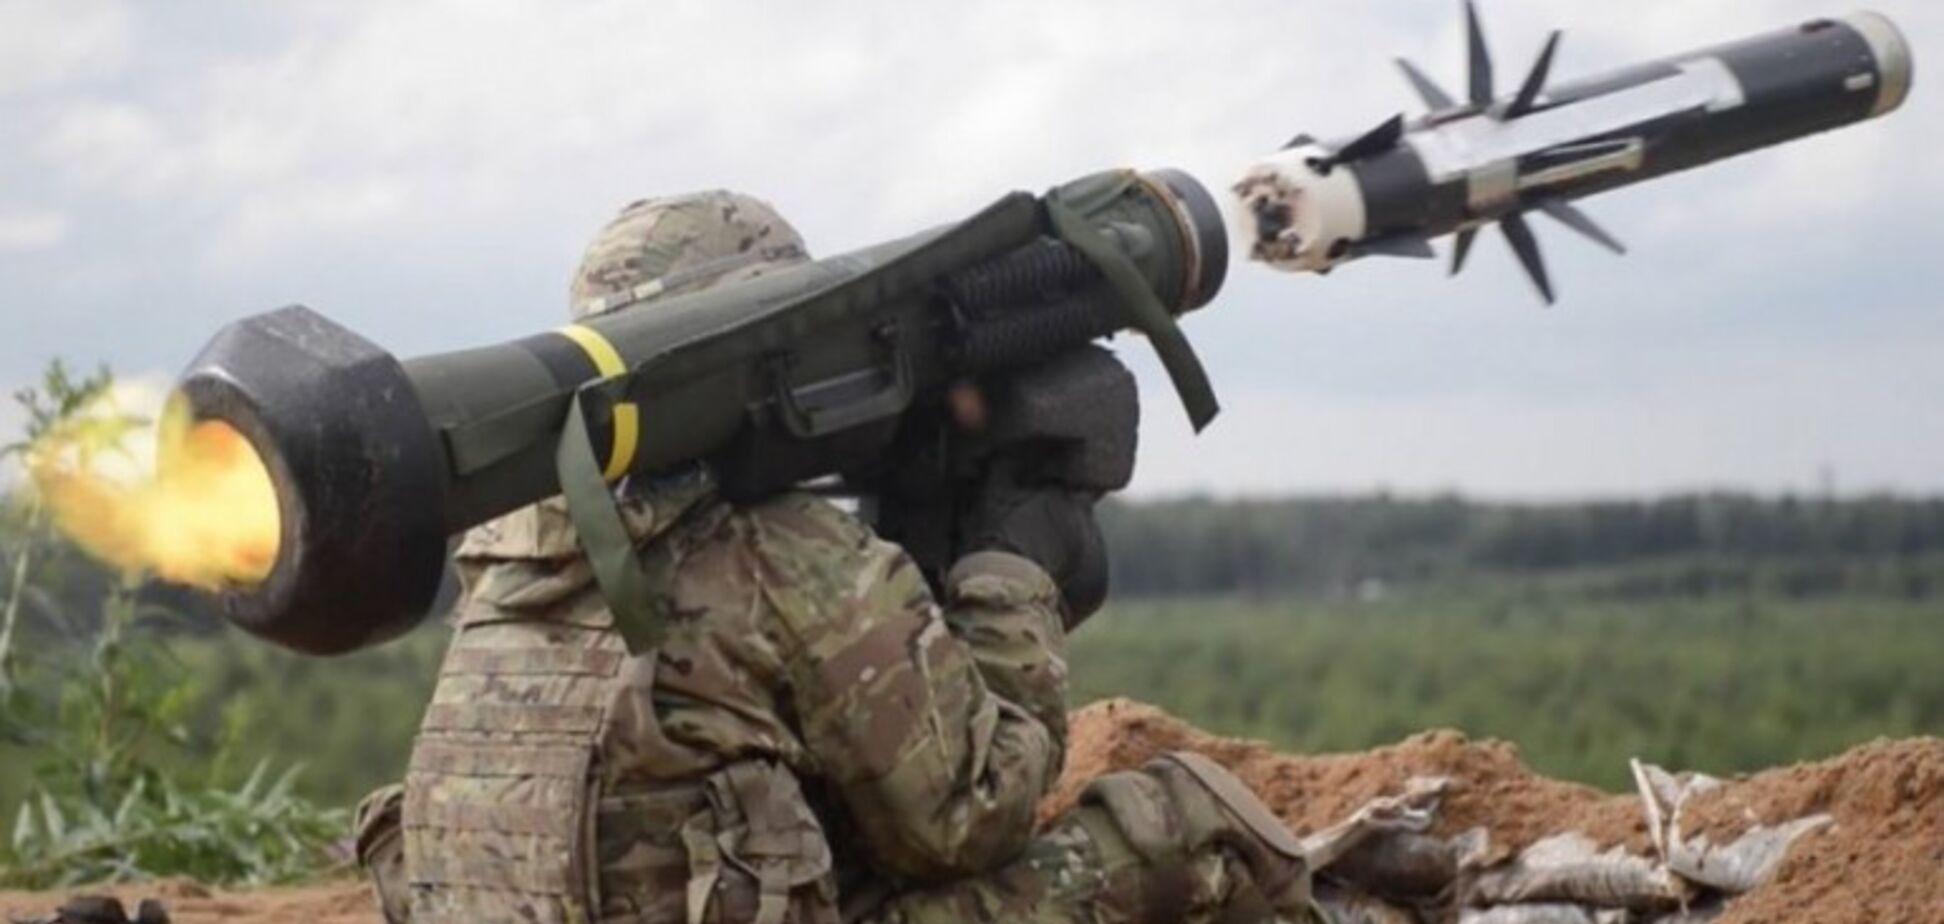 Летальные подарки. Сколько США потратят на военную помощь Украине